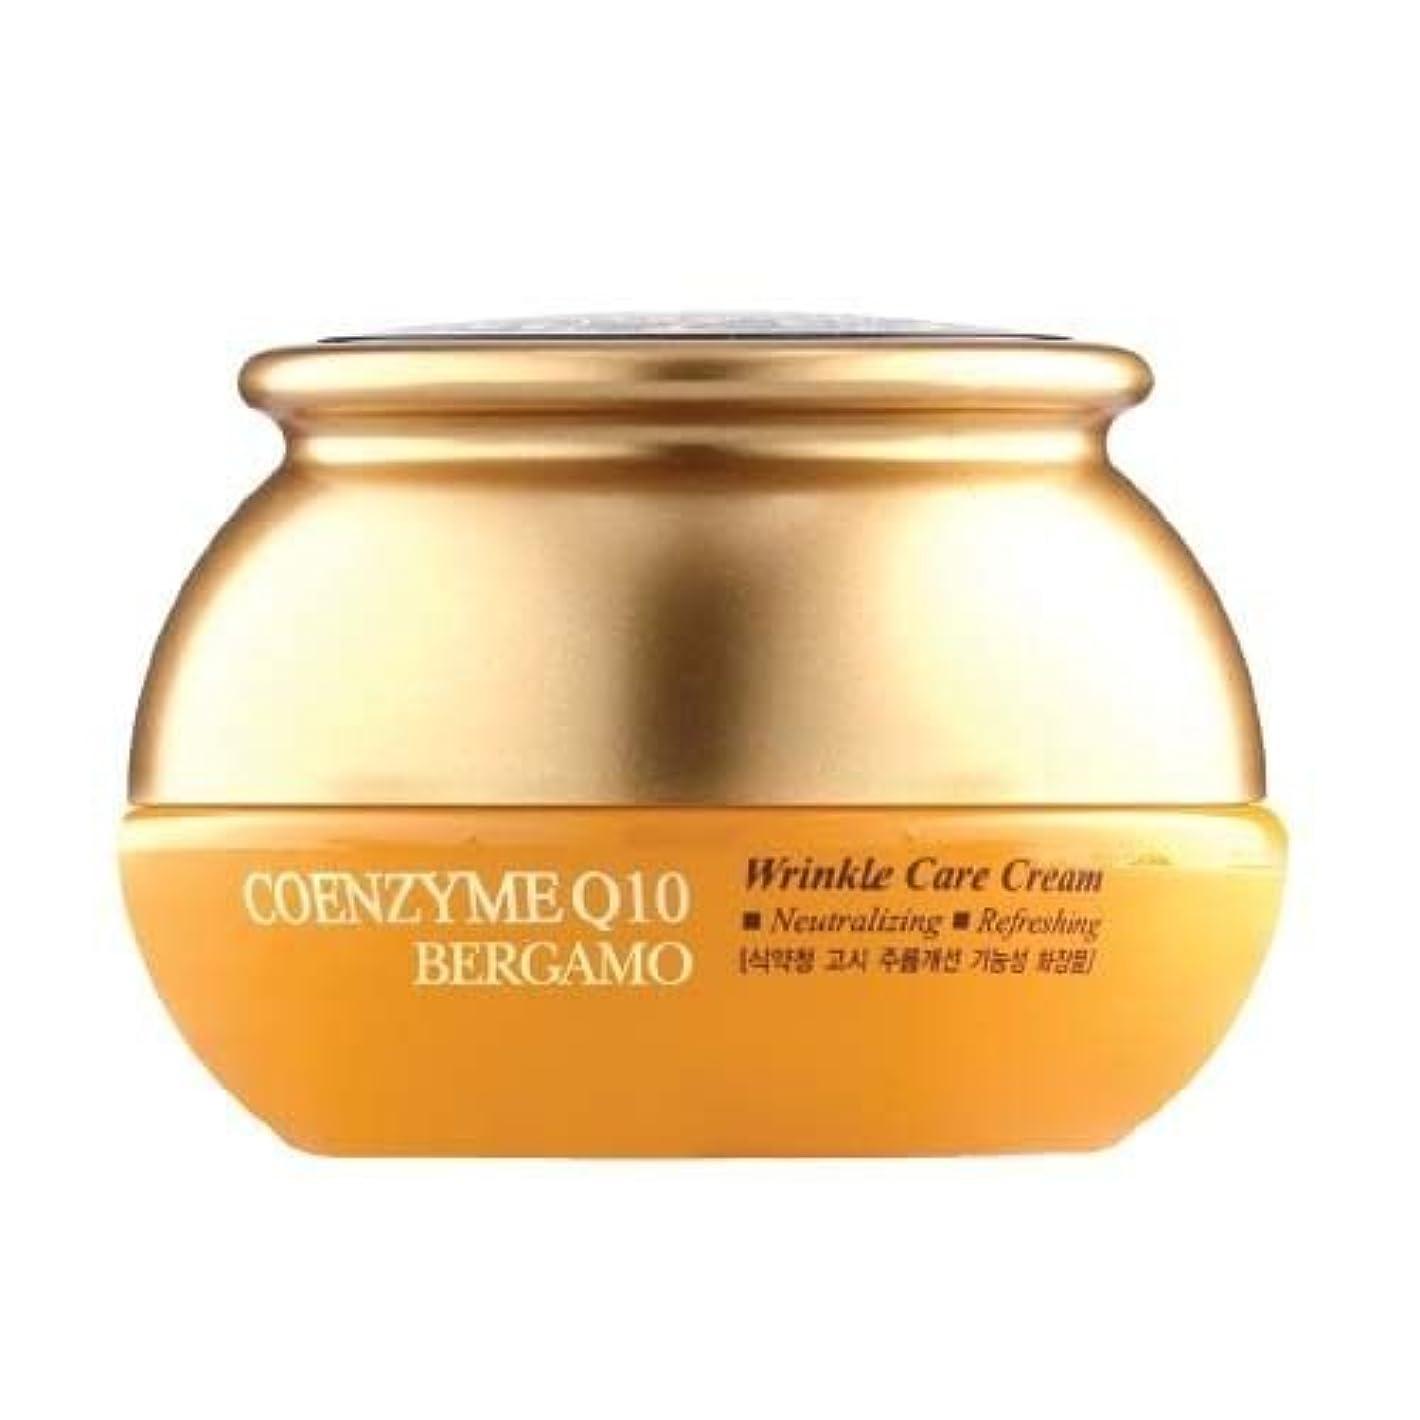 クラフト保安没頭するベルガモ[韓国コスメBergamo]Coenzyme Q10 Wrinkle Care Cream コエンザイムQ10リンクルケアクリーム50ml しわ管理 [並行輸入品]